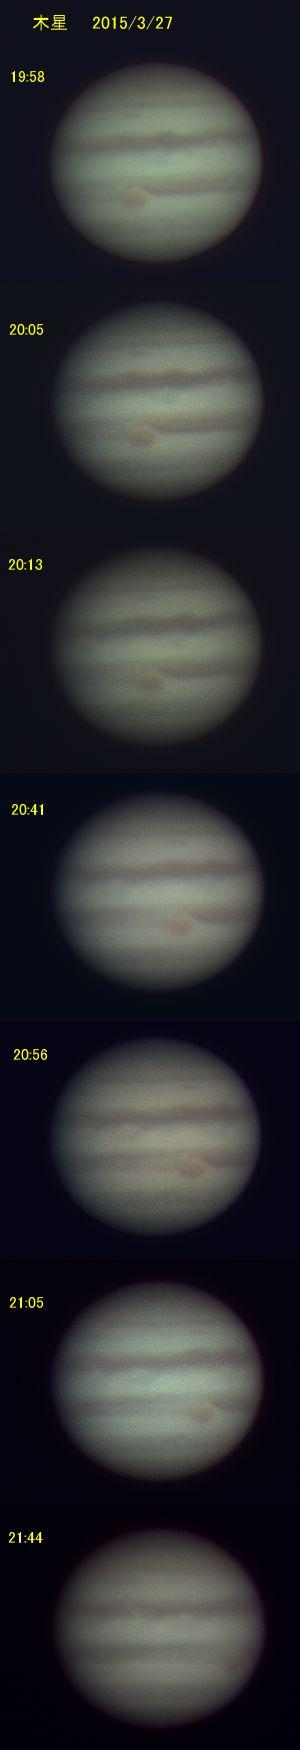 木星_20150327_video1959_2144